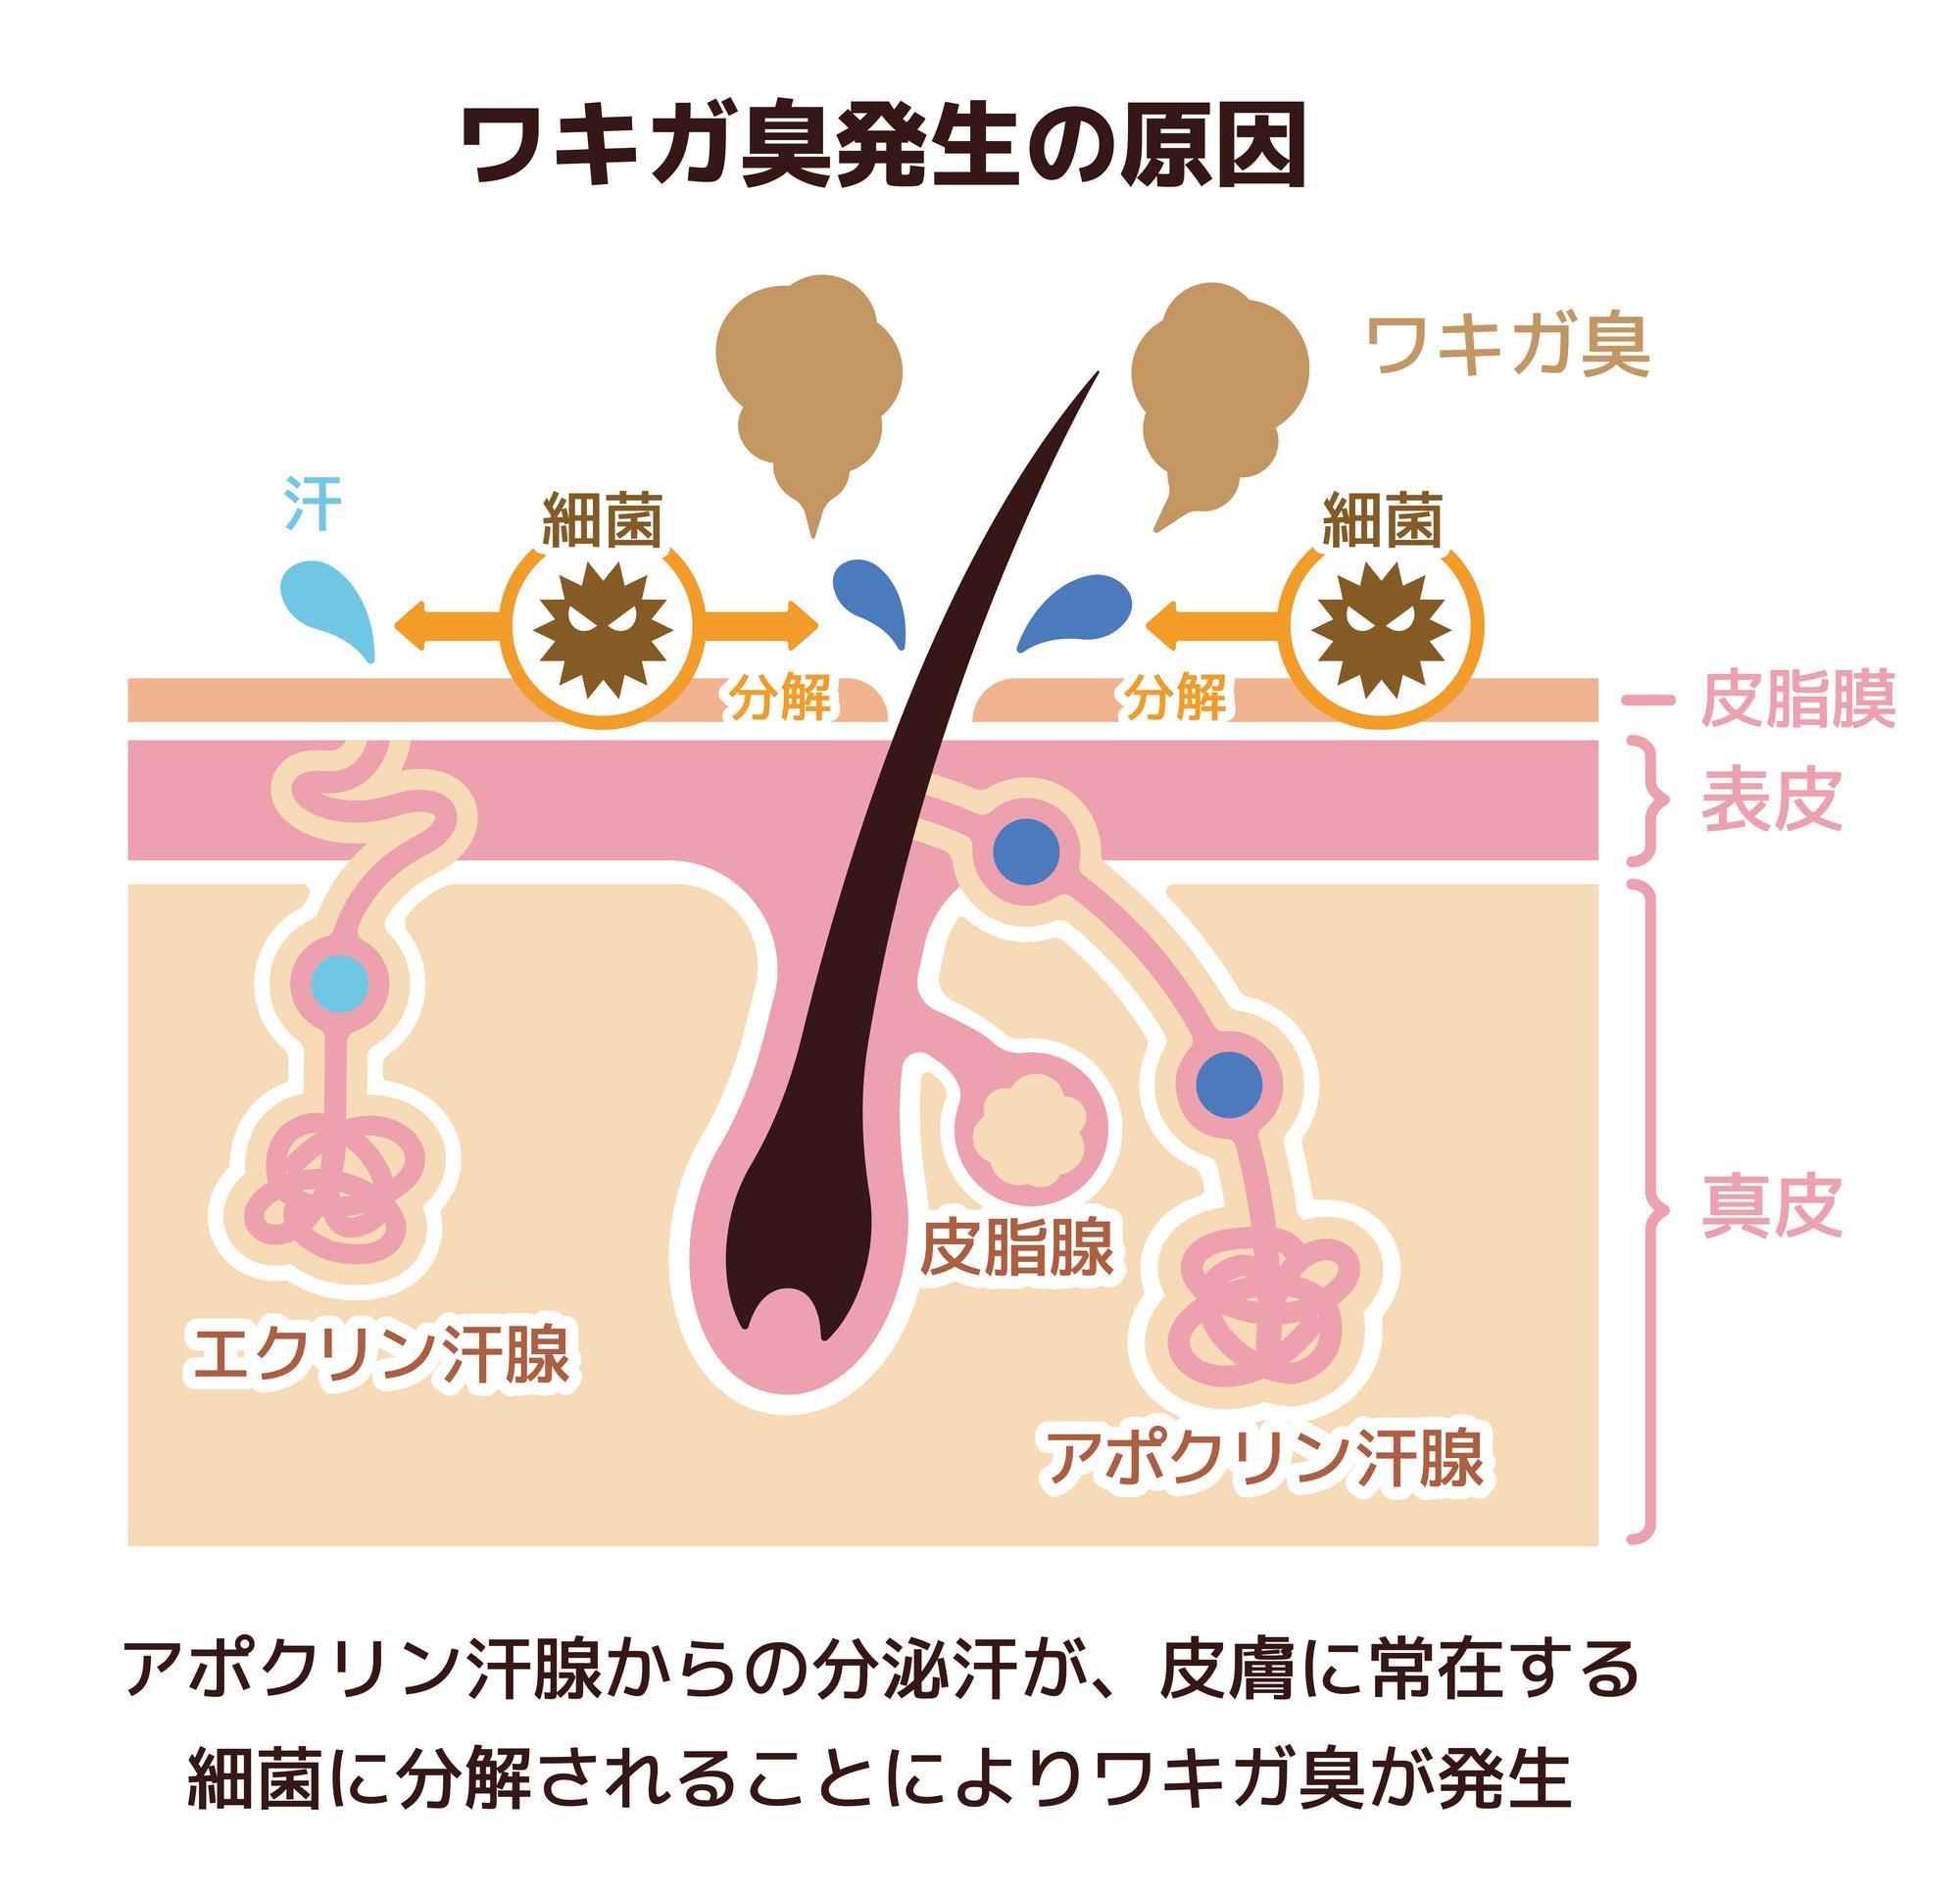 アポクリン汗腺のイラスト